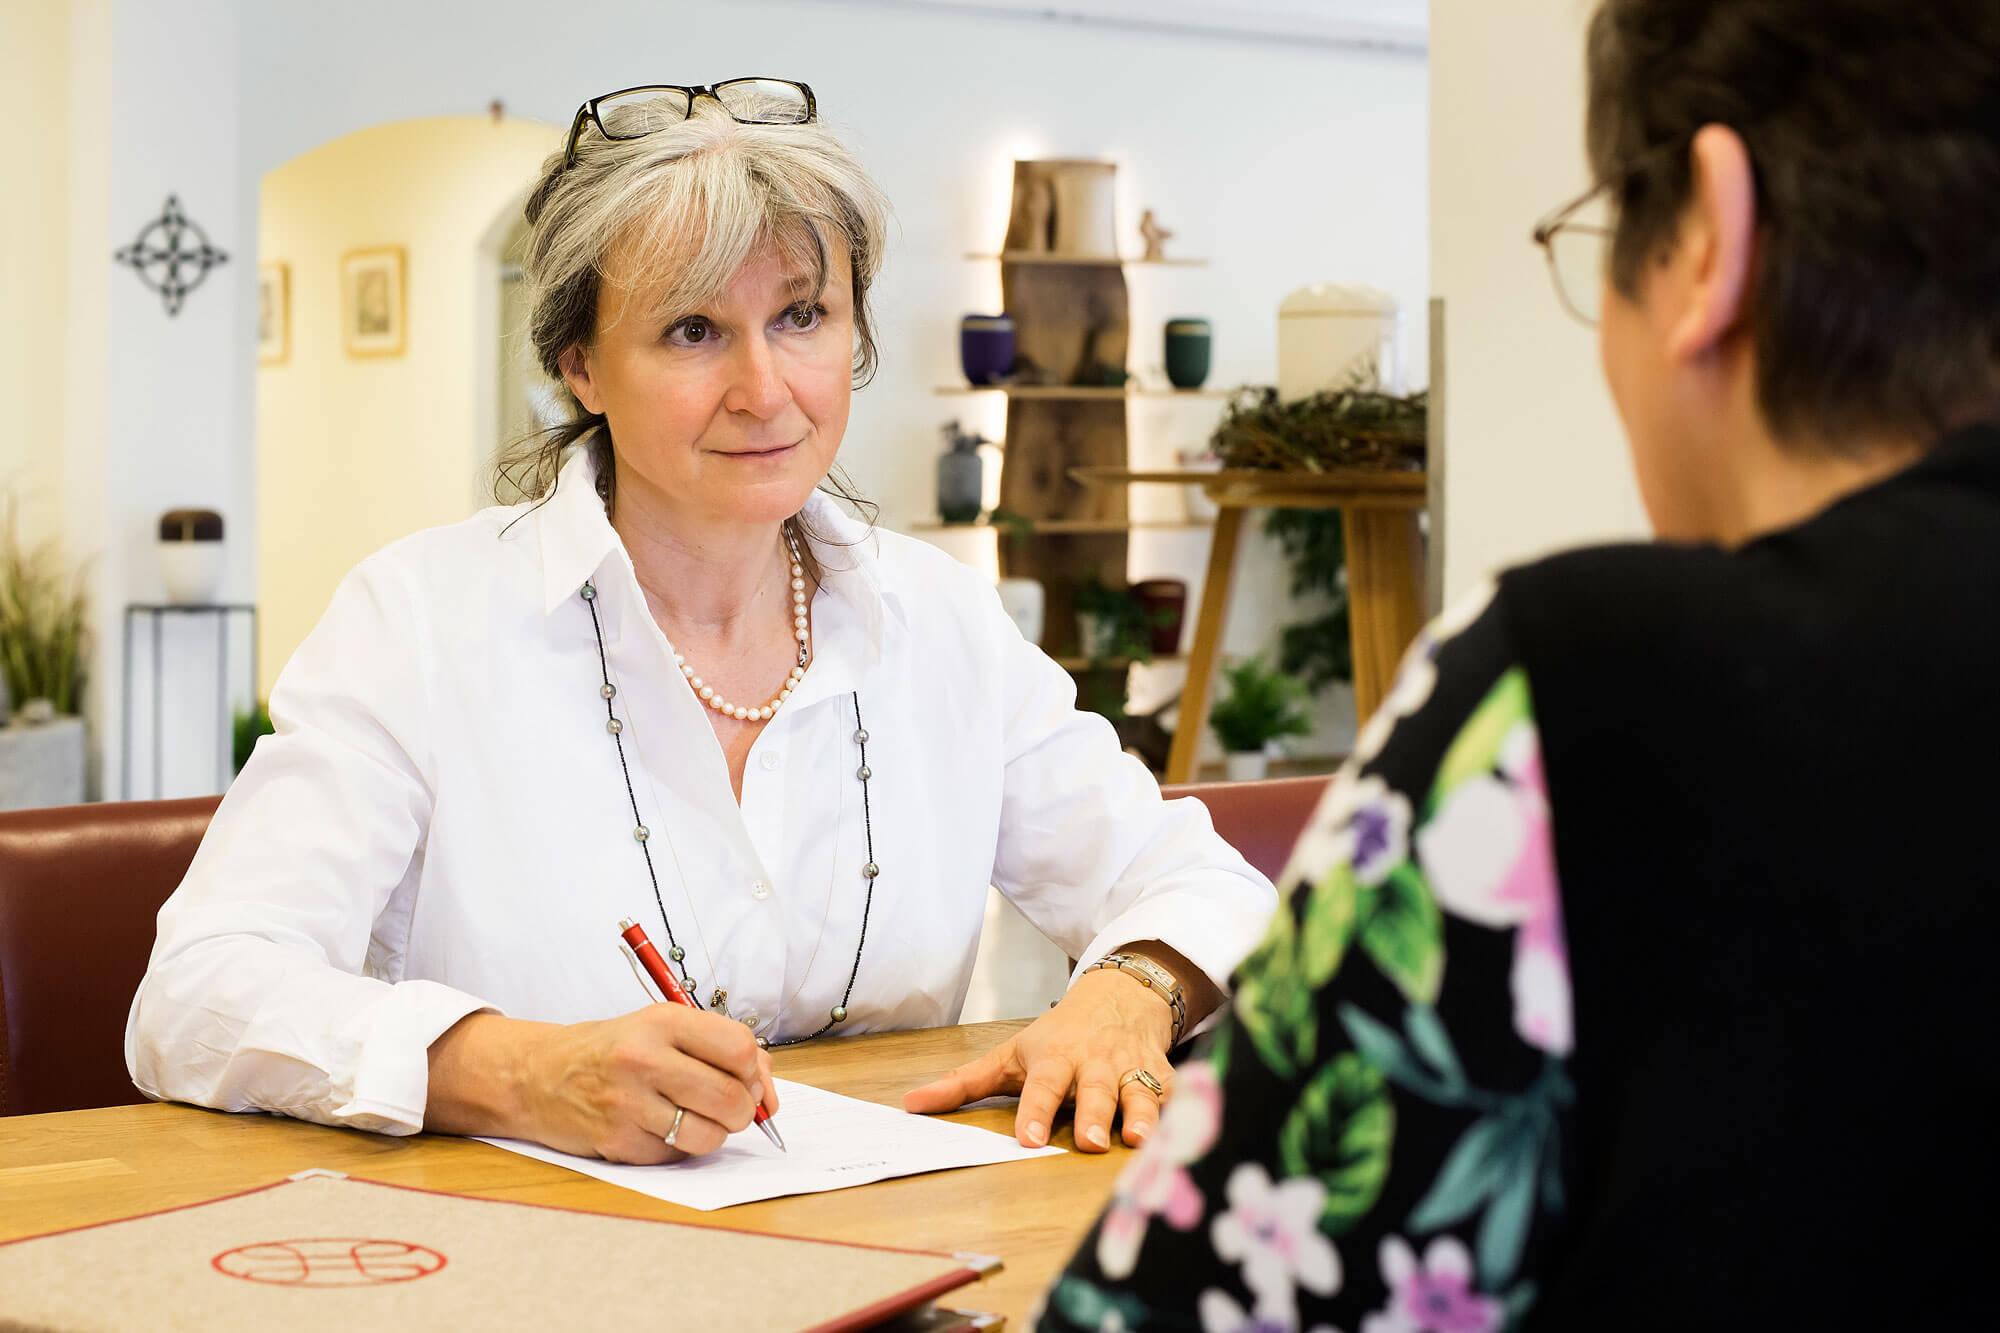 Inge Maria Krämer im Beratungsgespräch